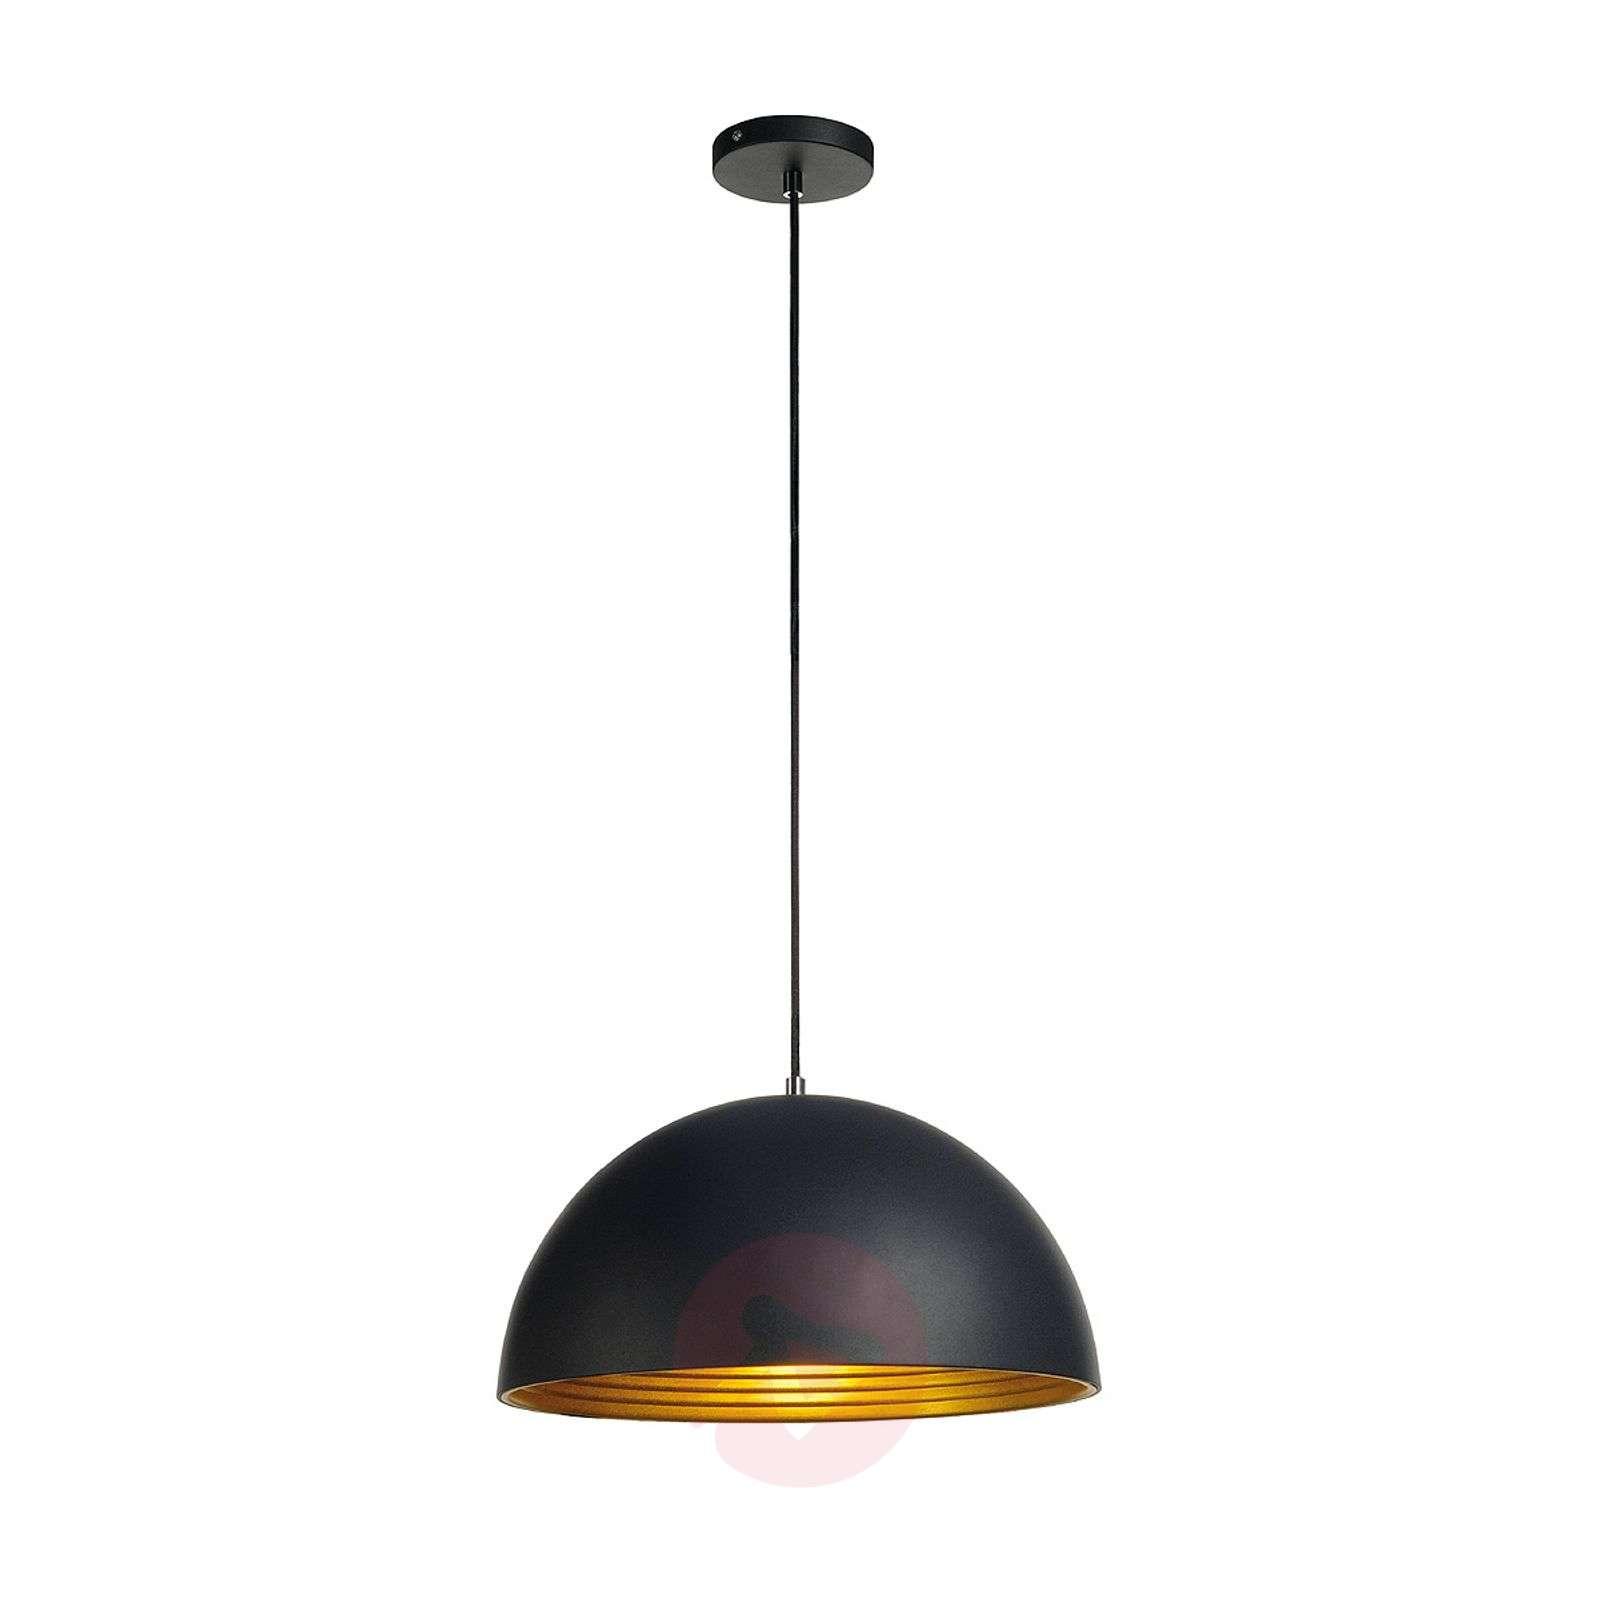 40 cm – Riippuvalaisin Forchini M musta ja kulta